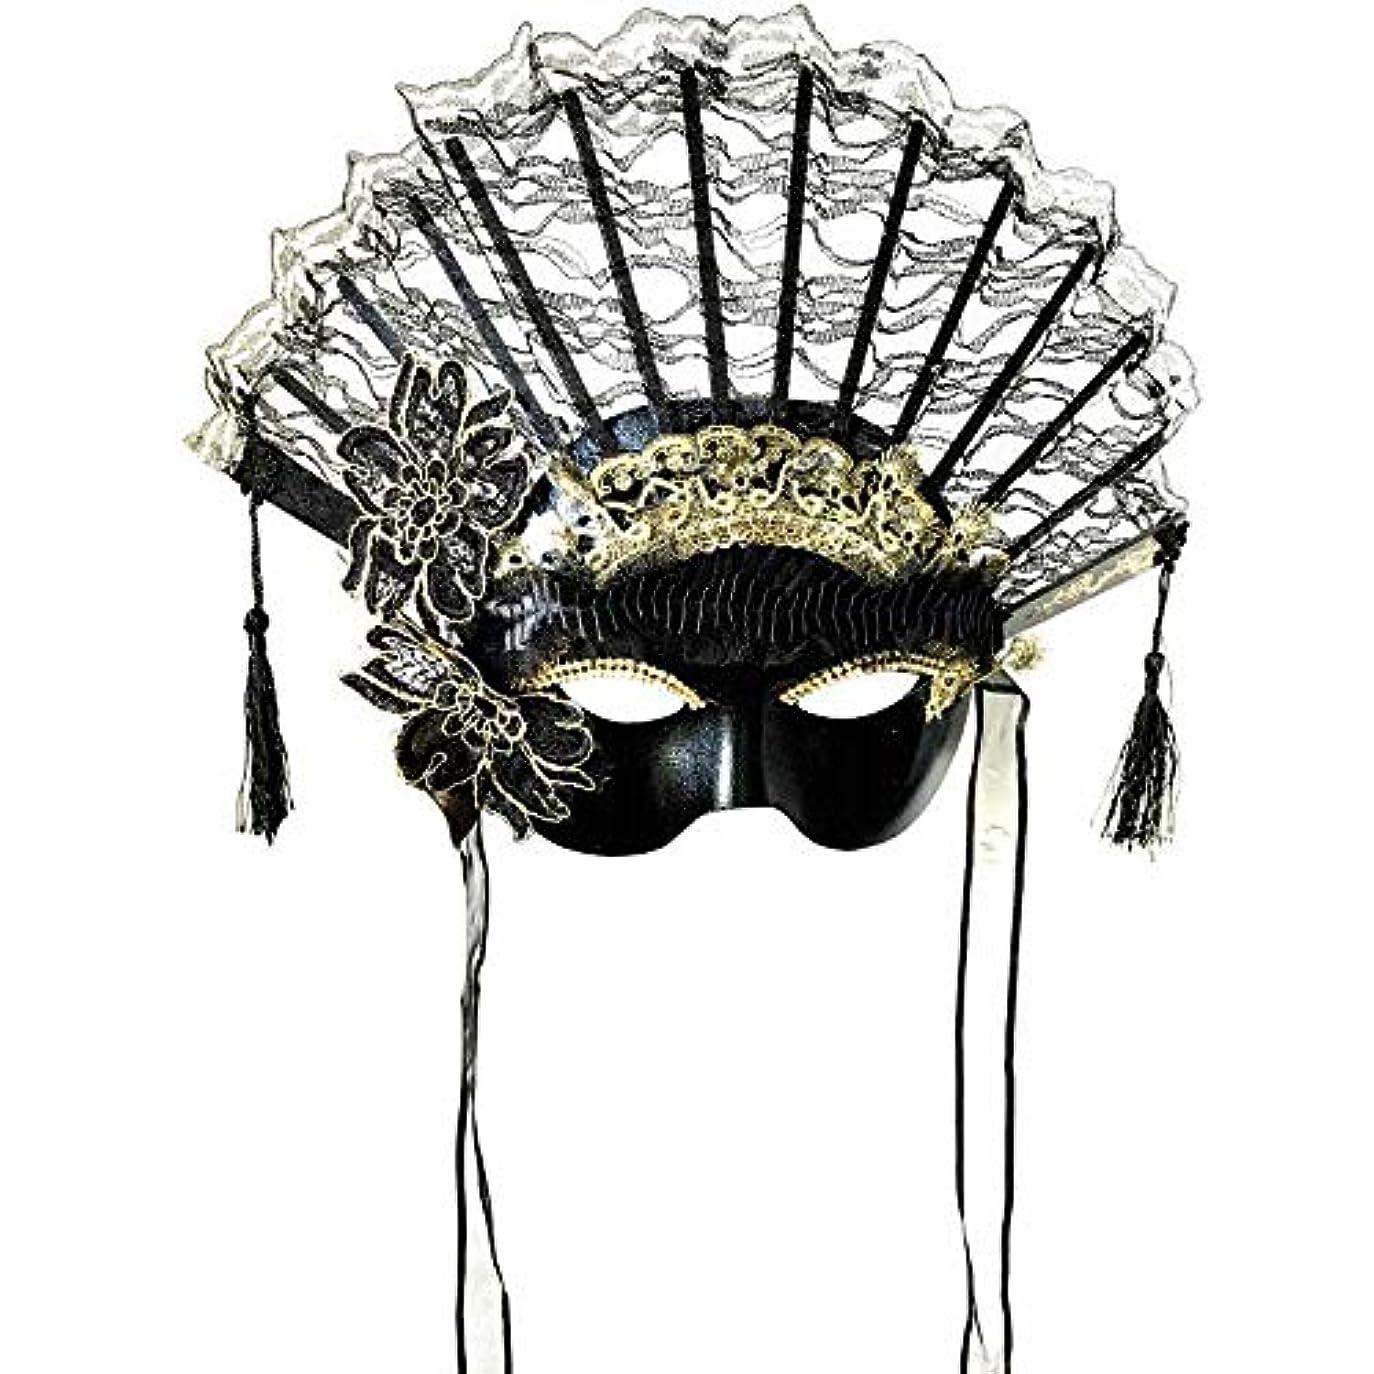 コマンド冊子習慣Nanle ハロウィンクリスマスレースファンシェイプフラワーフリンジビーズマスク仮装マスクレディミスプリンセス美容祭パーティーデコレーションマスク (色 : Black B)